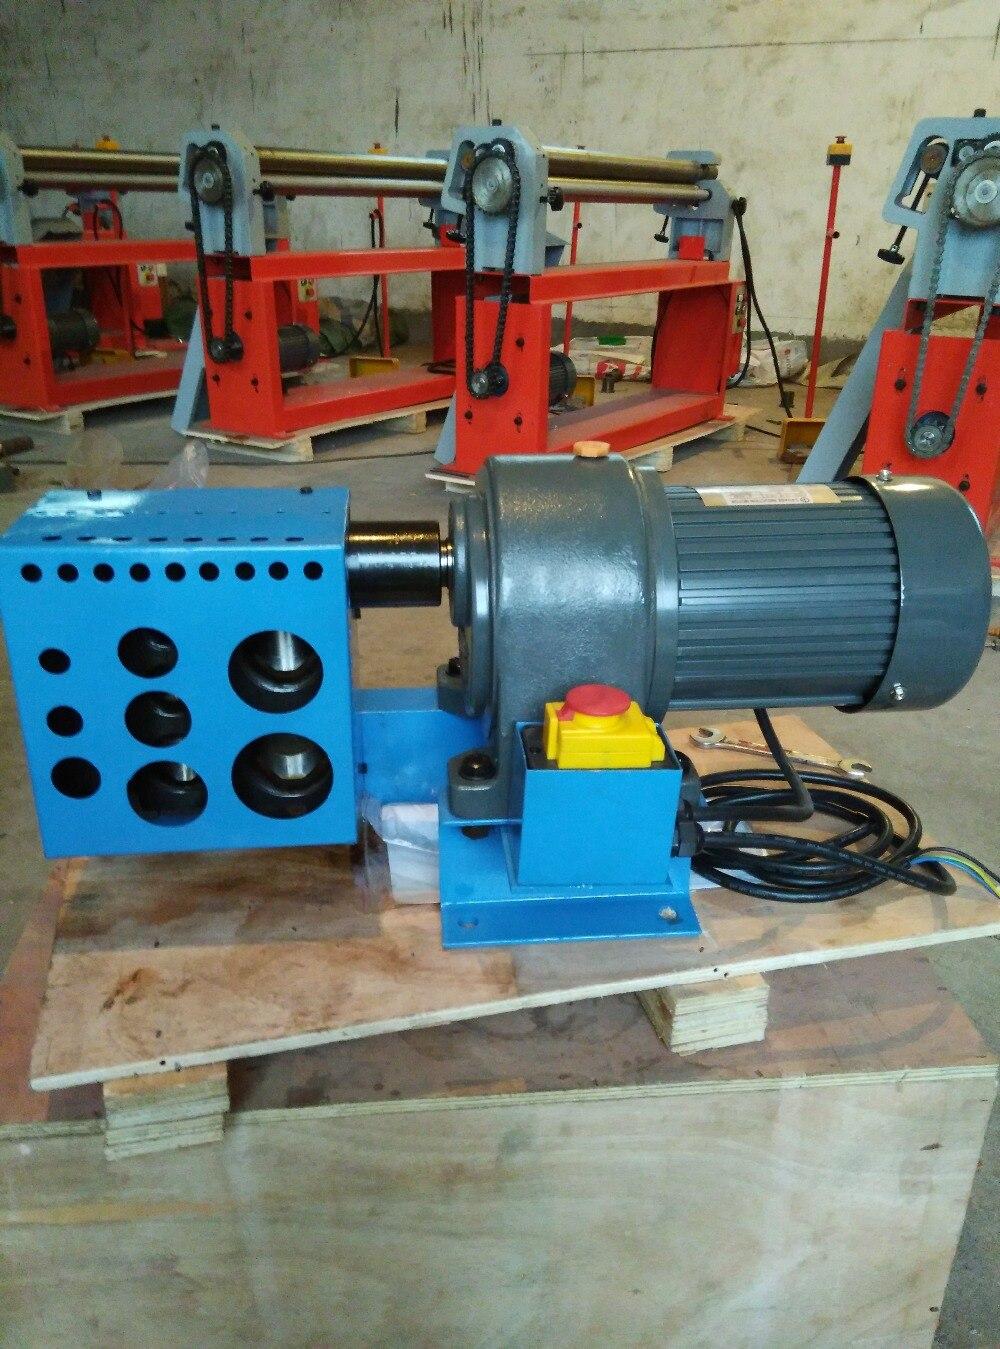 Kpn 4 трубы/труба вырубной машины трубки станков